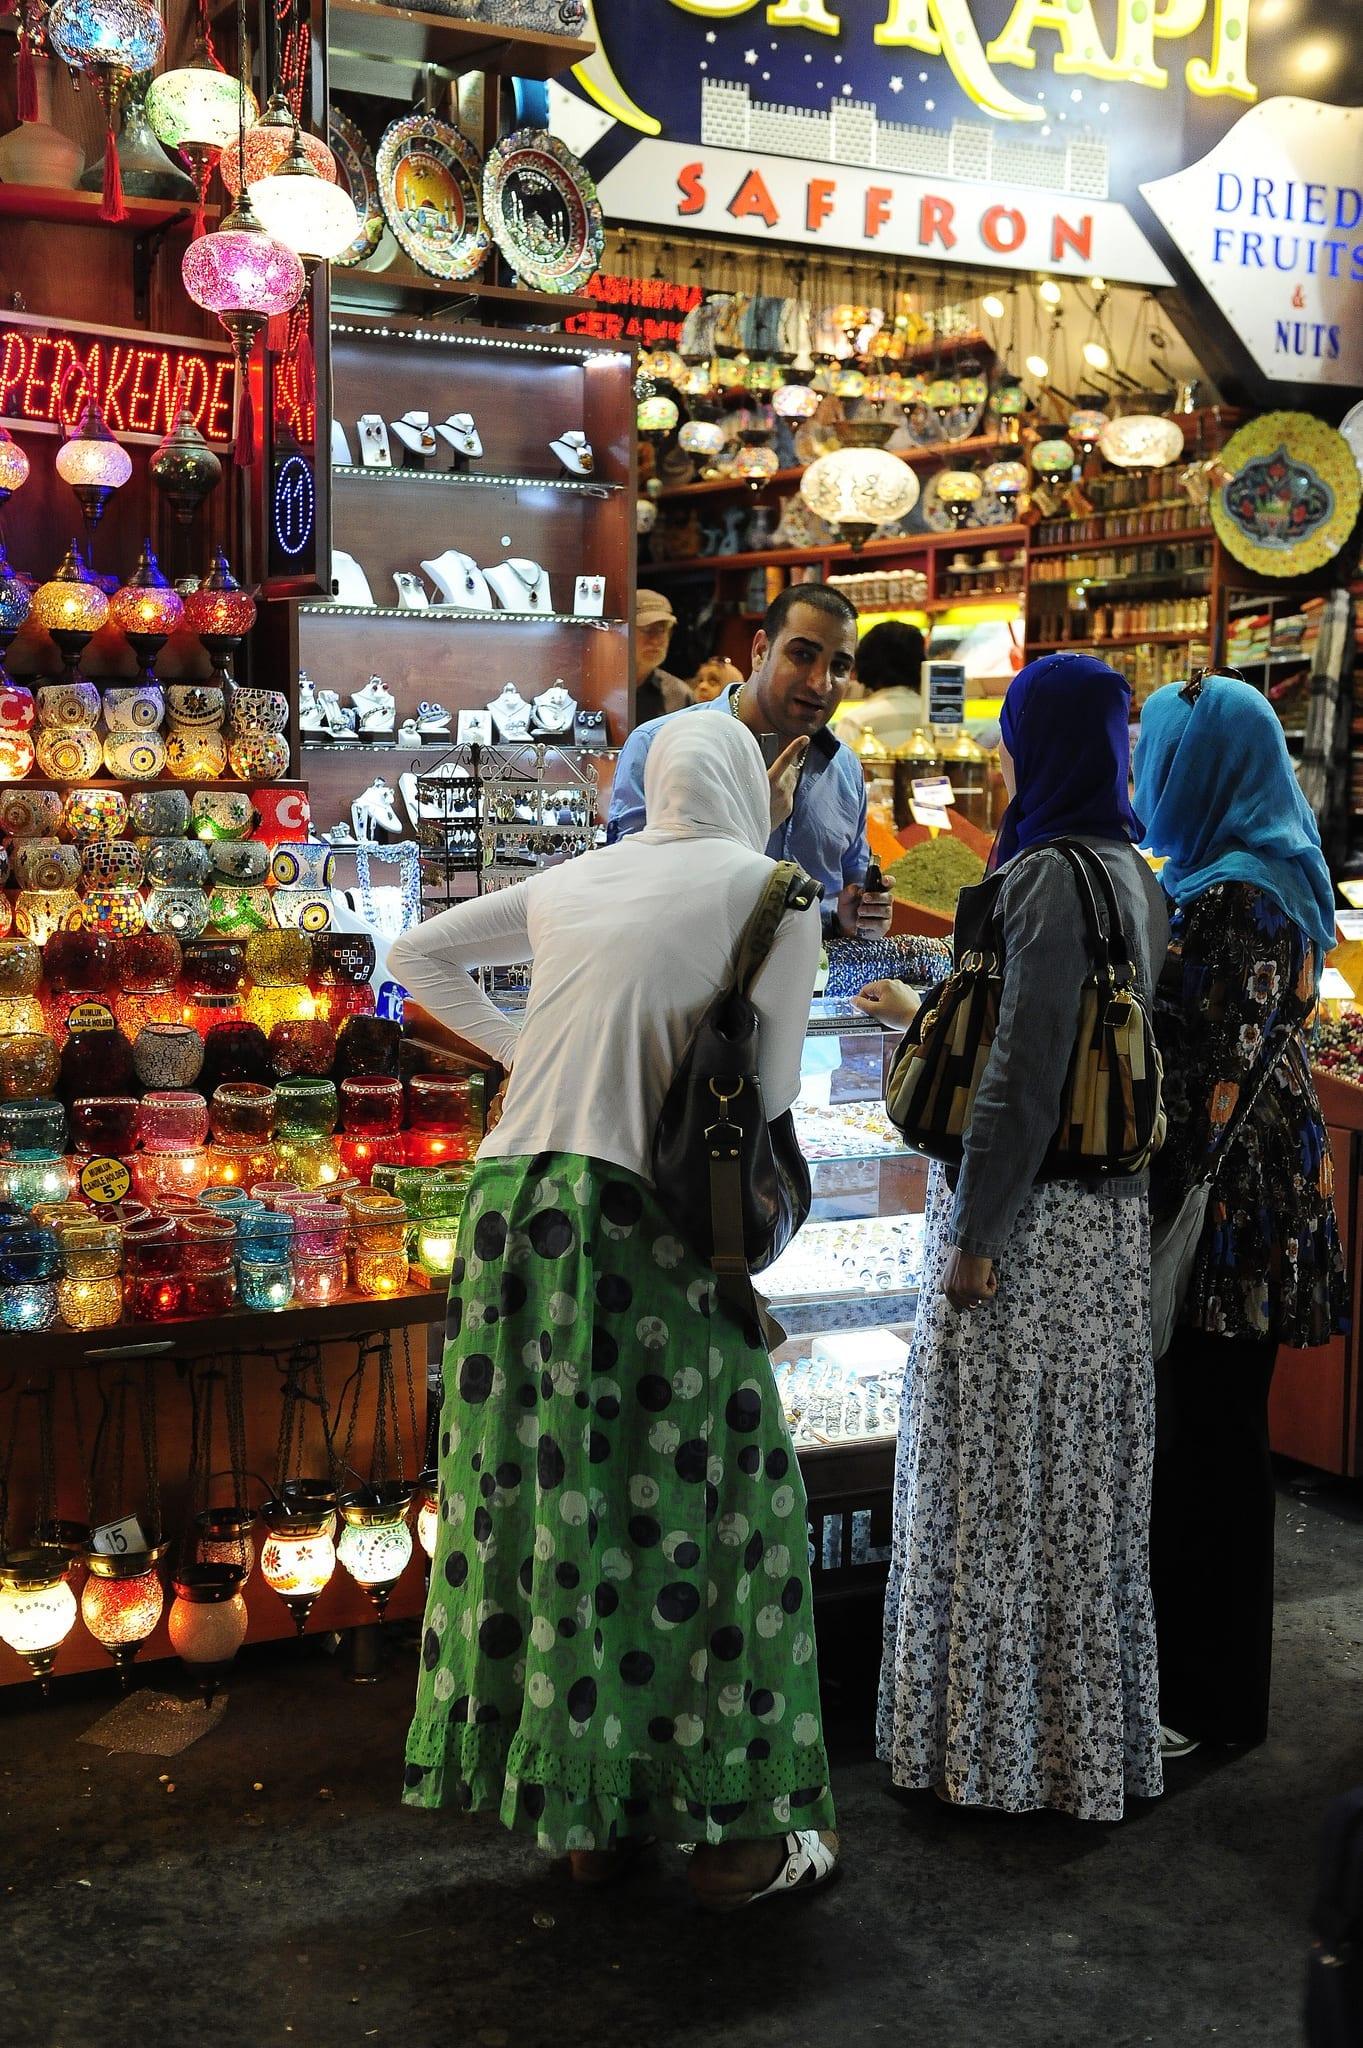 Na Turquia e no Marrocos, ande sempre em grupo e, preferencialmente, em companhia masculina